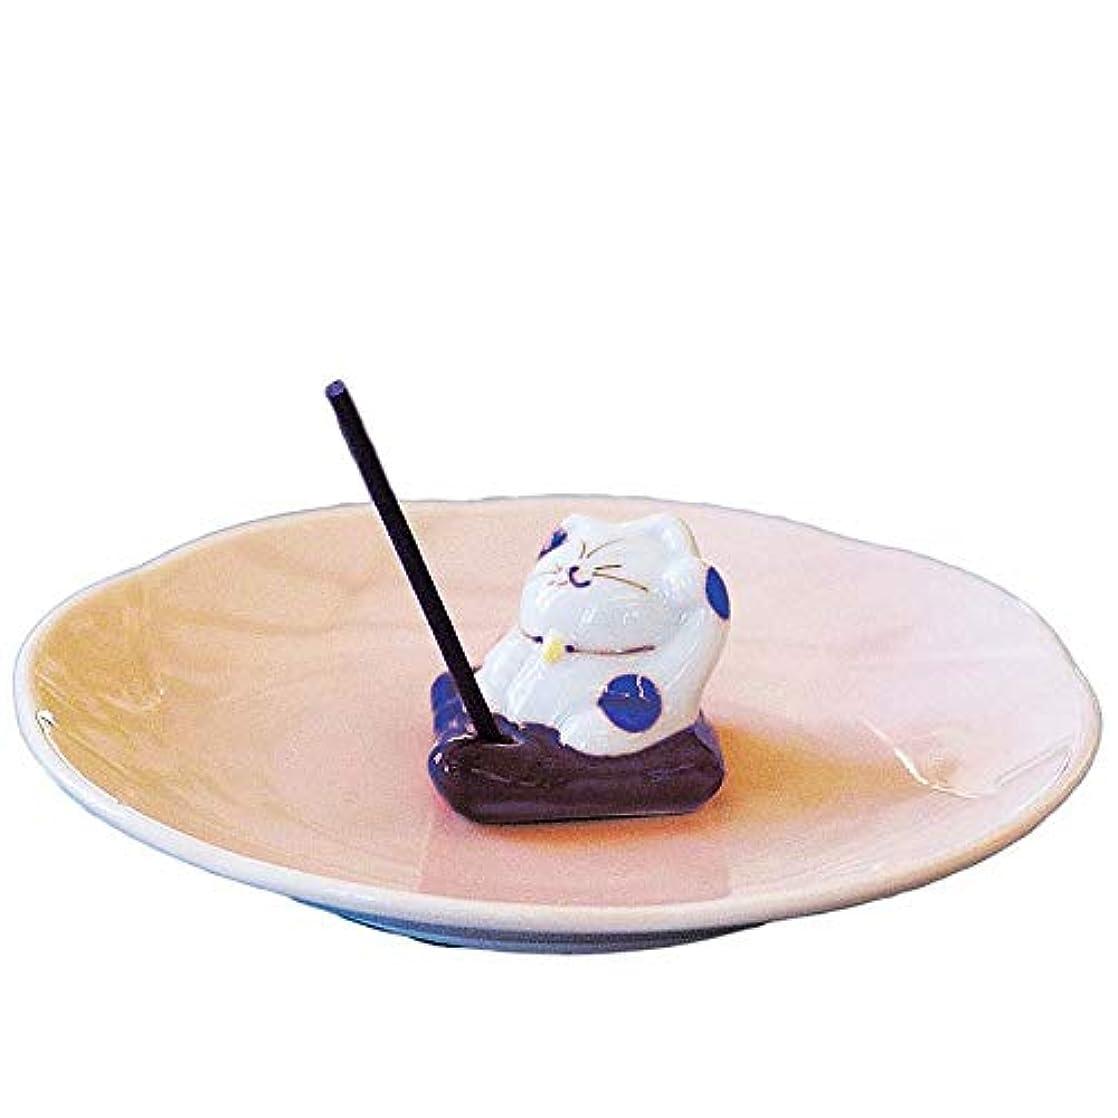 迷信リス冷凍庫香皿 香立て/ザブトンネコ 香皿 ブルー/香り アロマ 癒やし リラックス インテリア プレゼント 贈り物